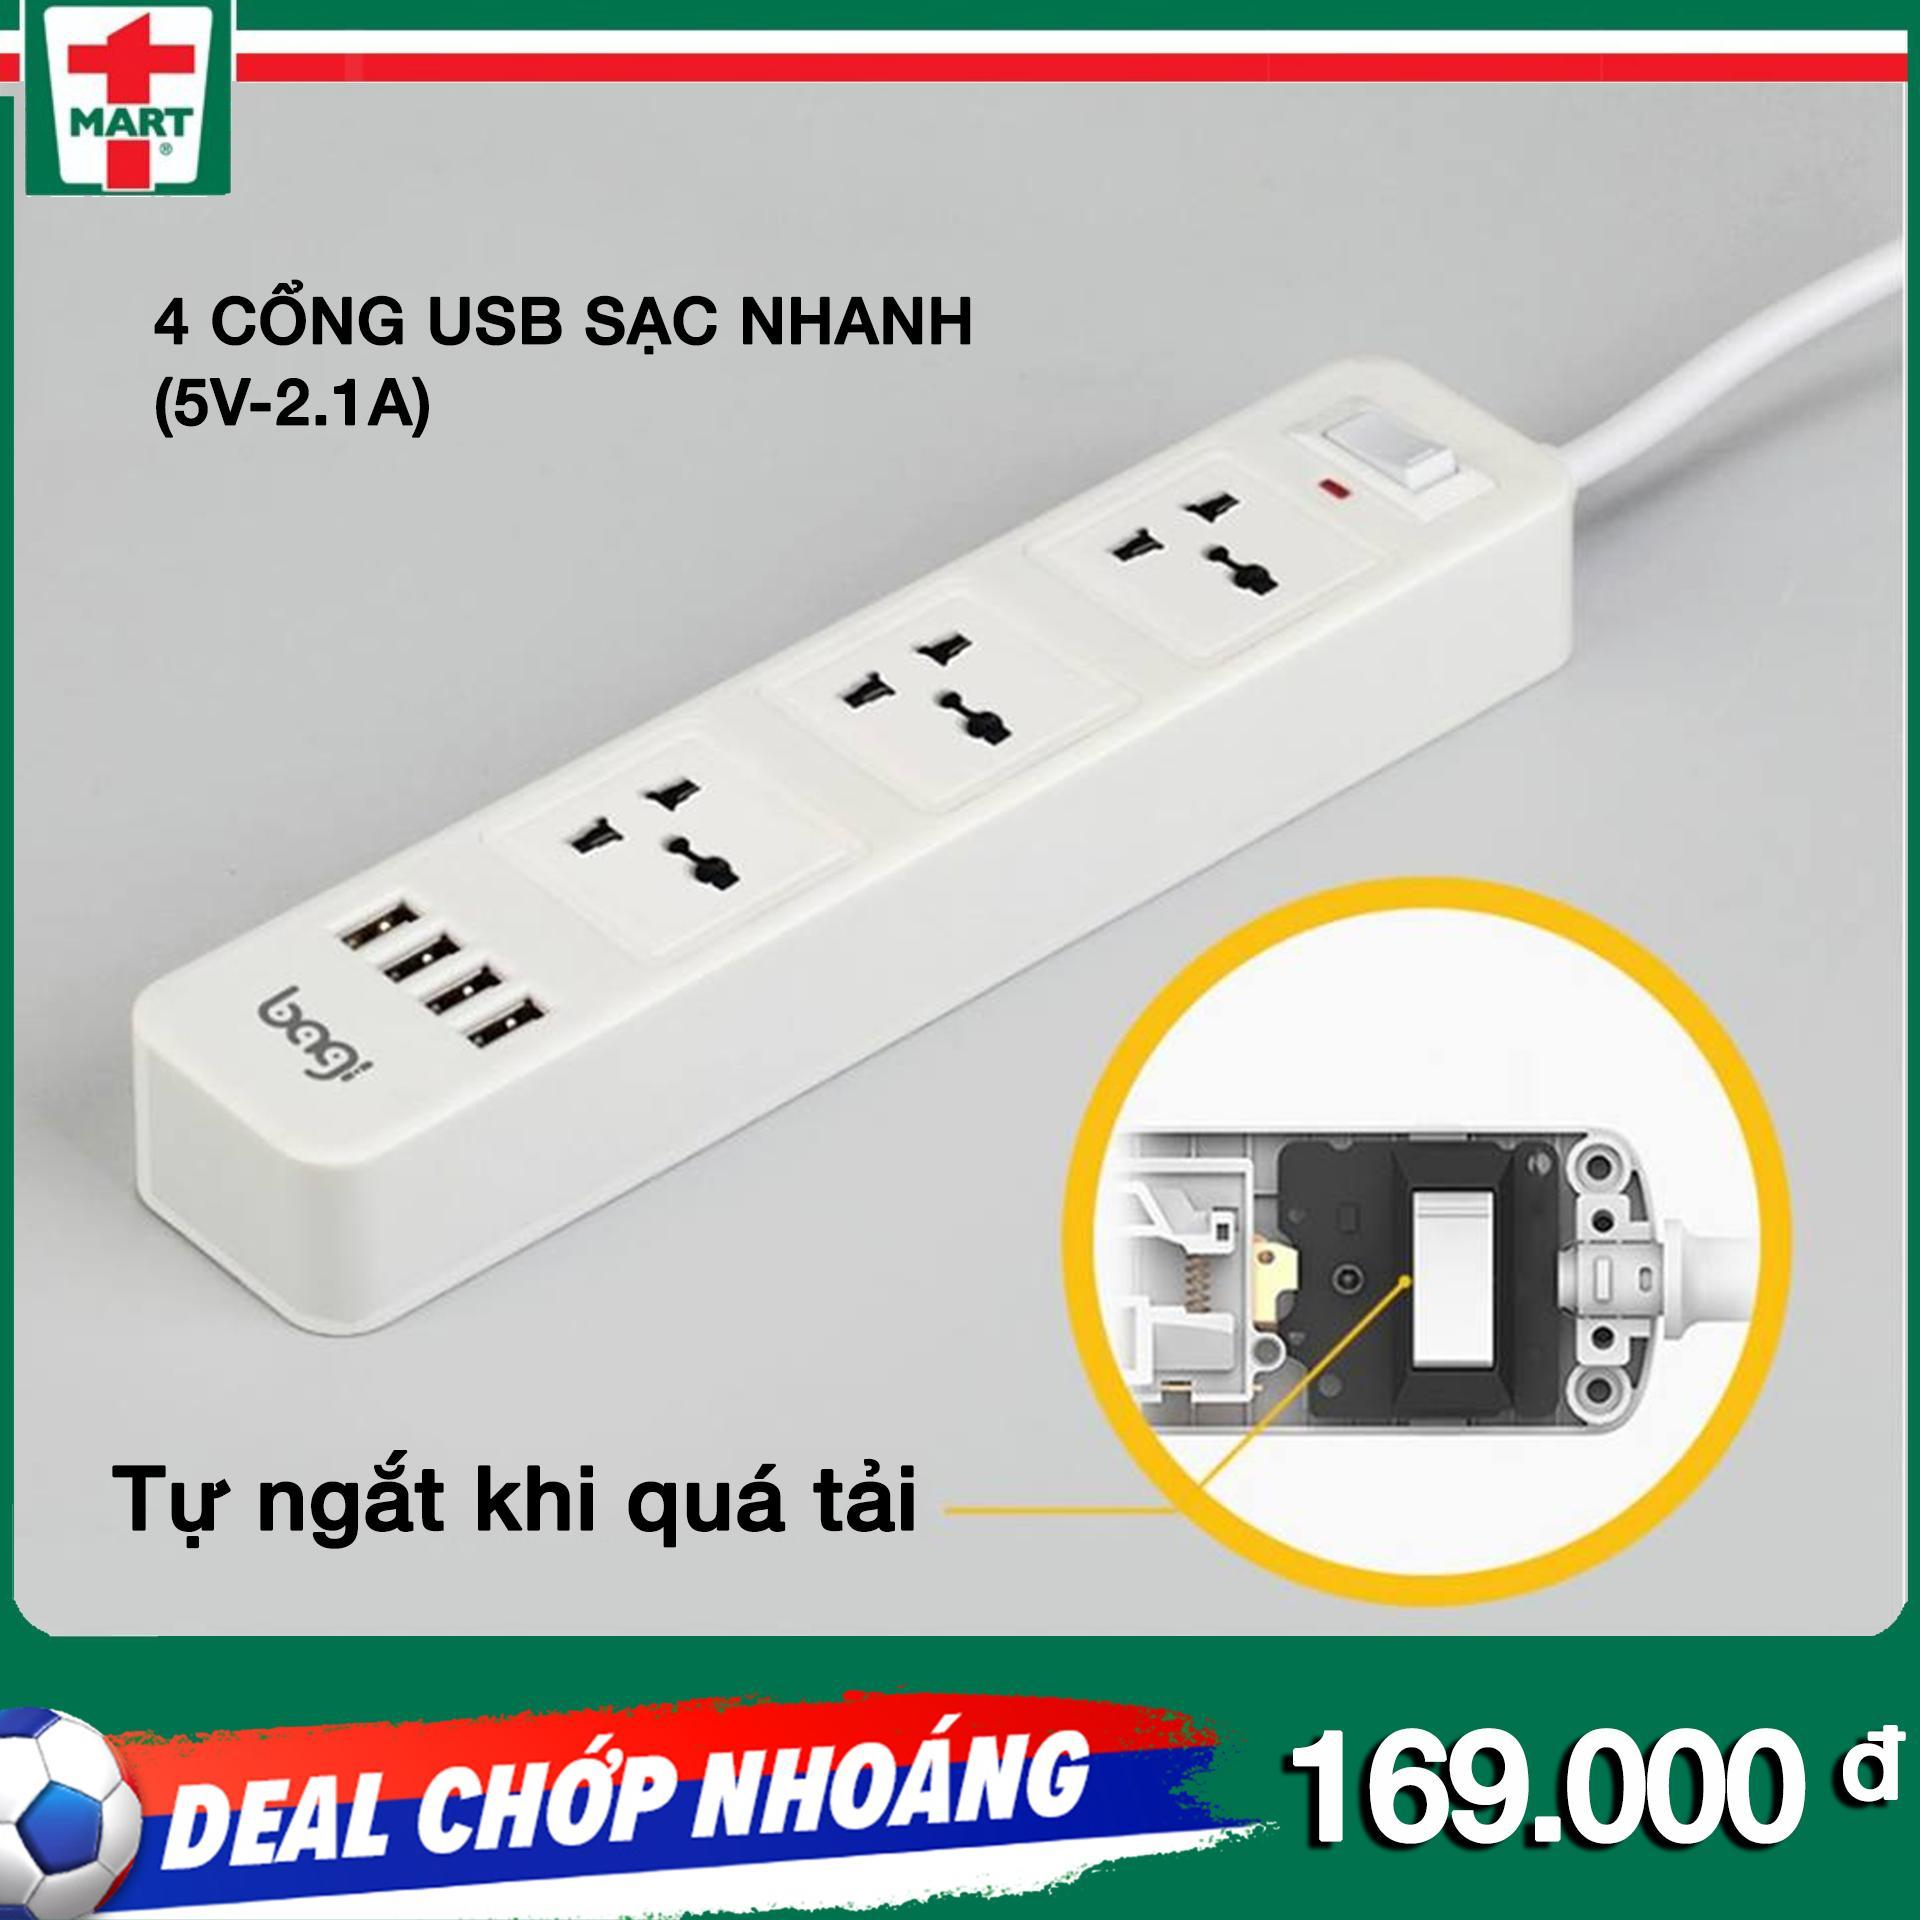 Ổ cắm Bagi 4 cổng USB sạc nhanh (5V-2.1A) tự ngắt khi quá tải- Thiết kế tinh tế, hoàn thiện cao cấp